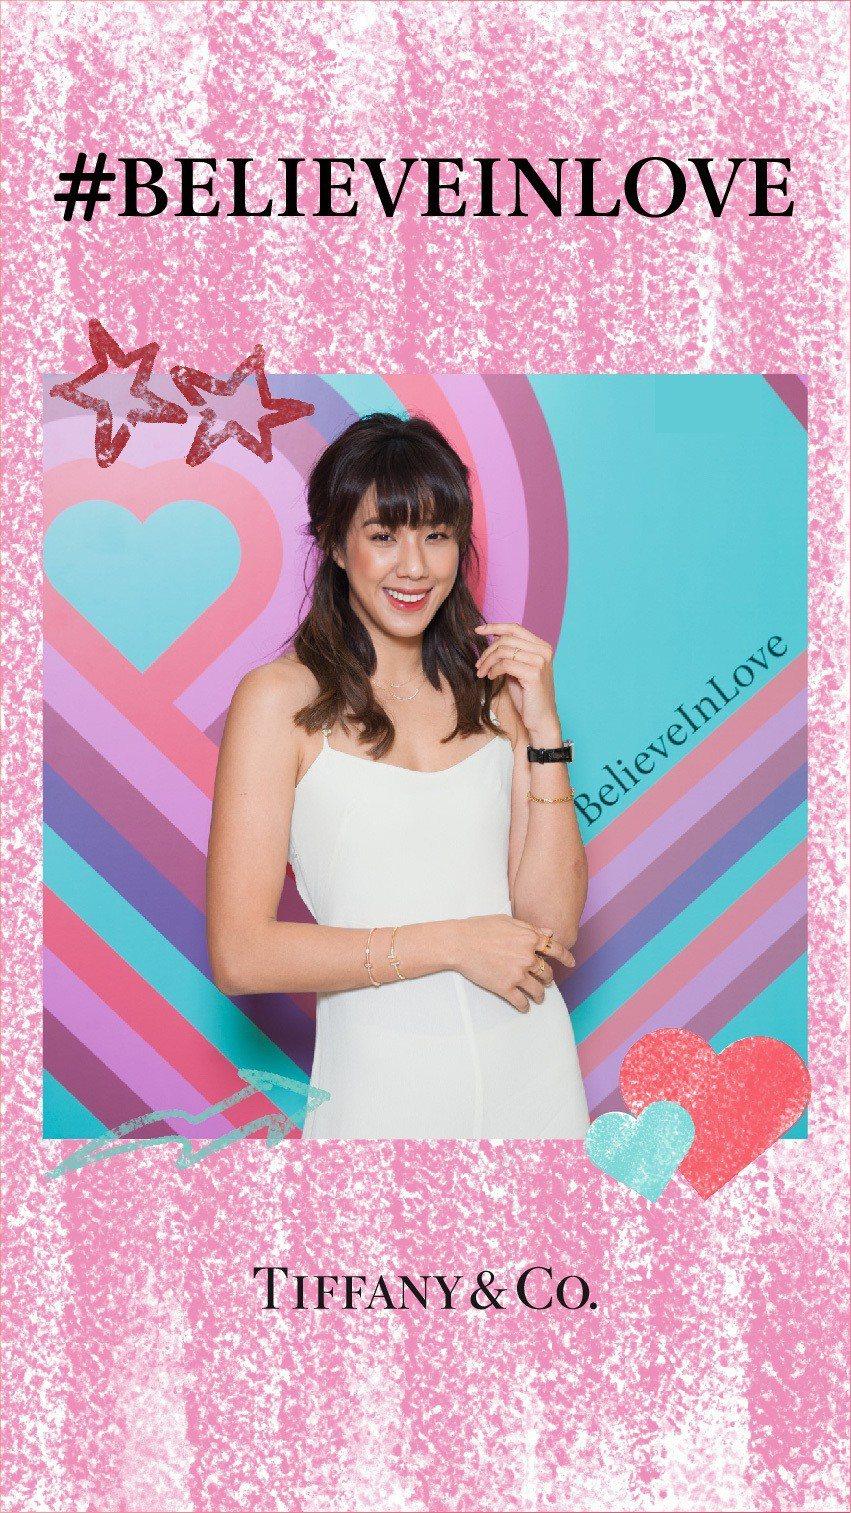 網路紅人An9lina體驗Tiffany線上情人節主題粉色款相框。圖/Tiffa...